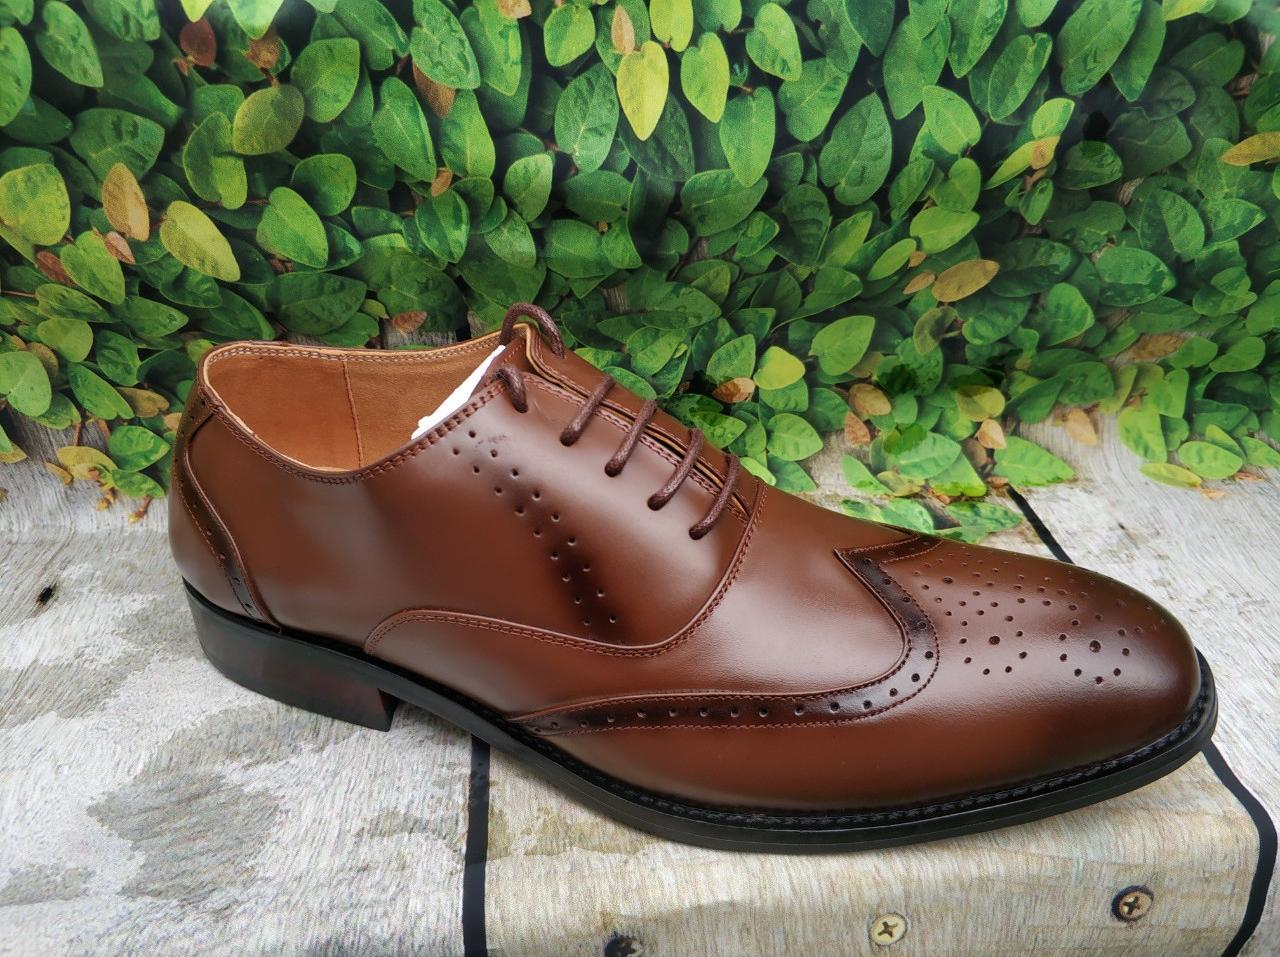 Giày da nam công sở sang trọng lịch lãm -gl51 - nâu nhạt - 43